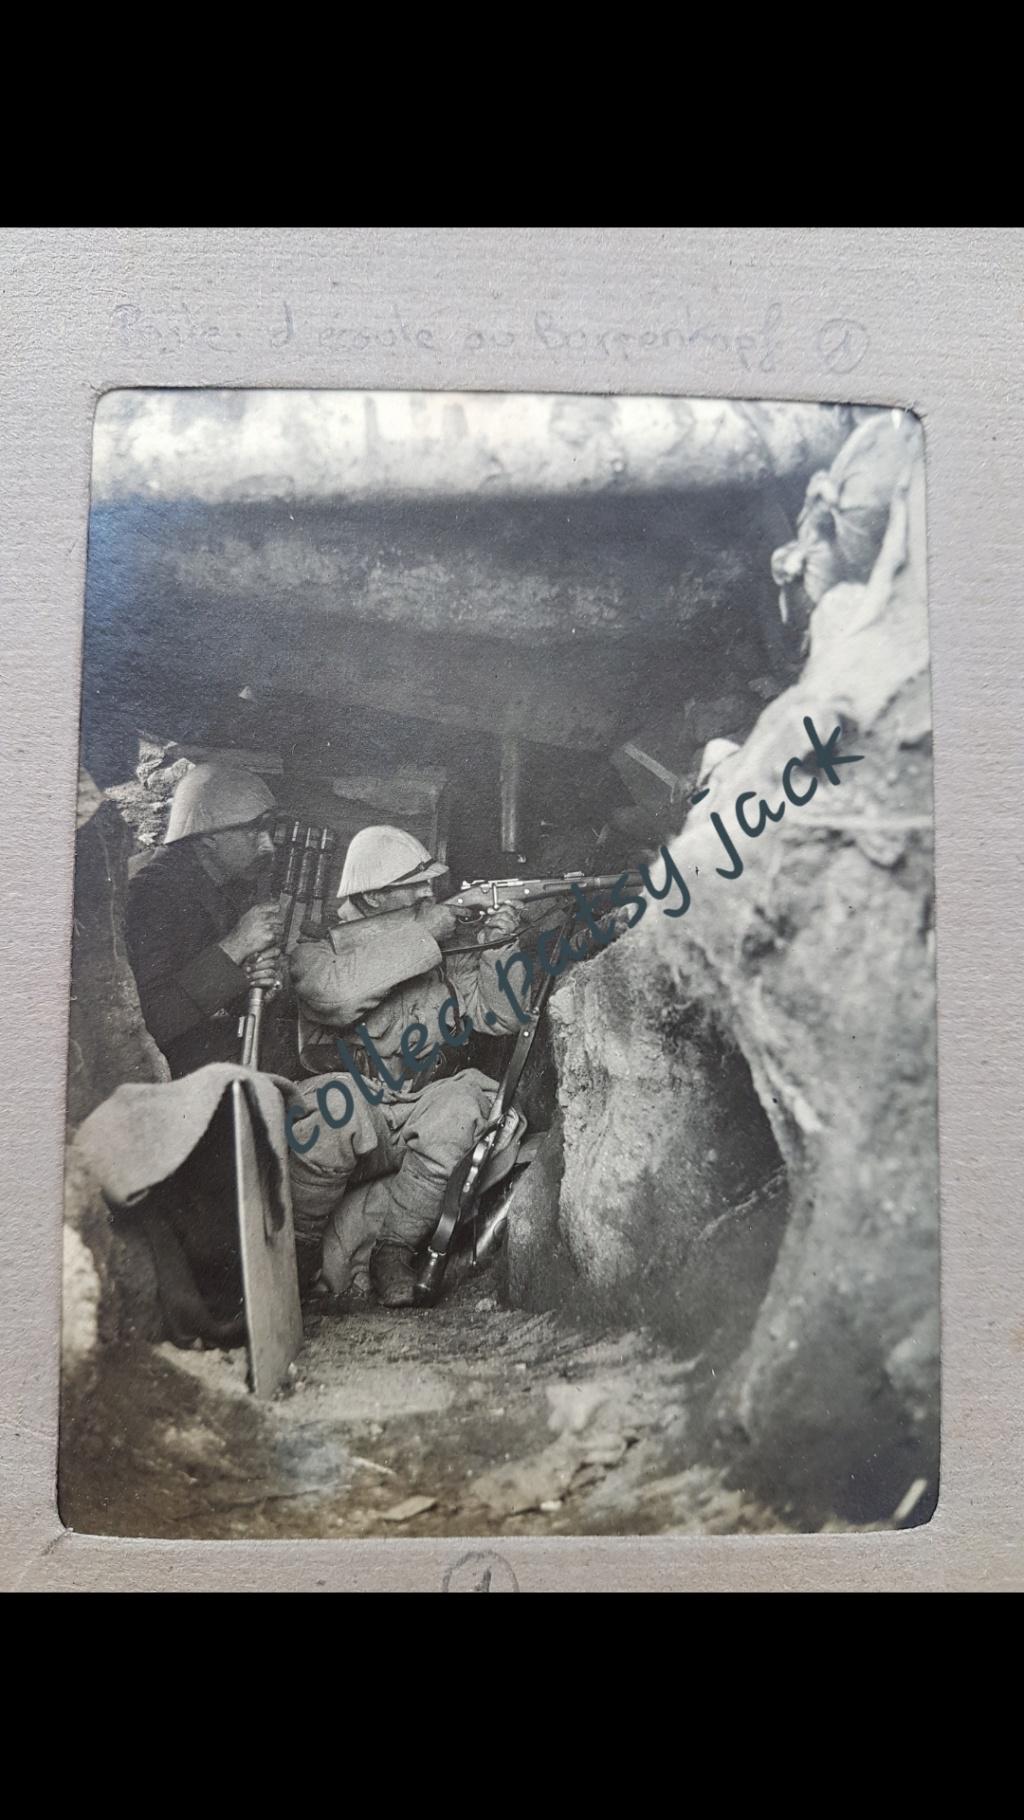 53 BCA au barrenkopf en 1916 20200426